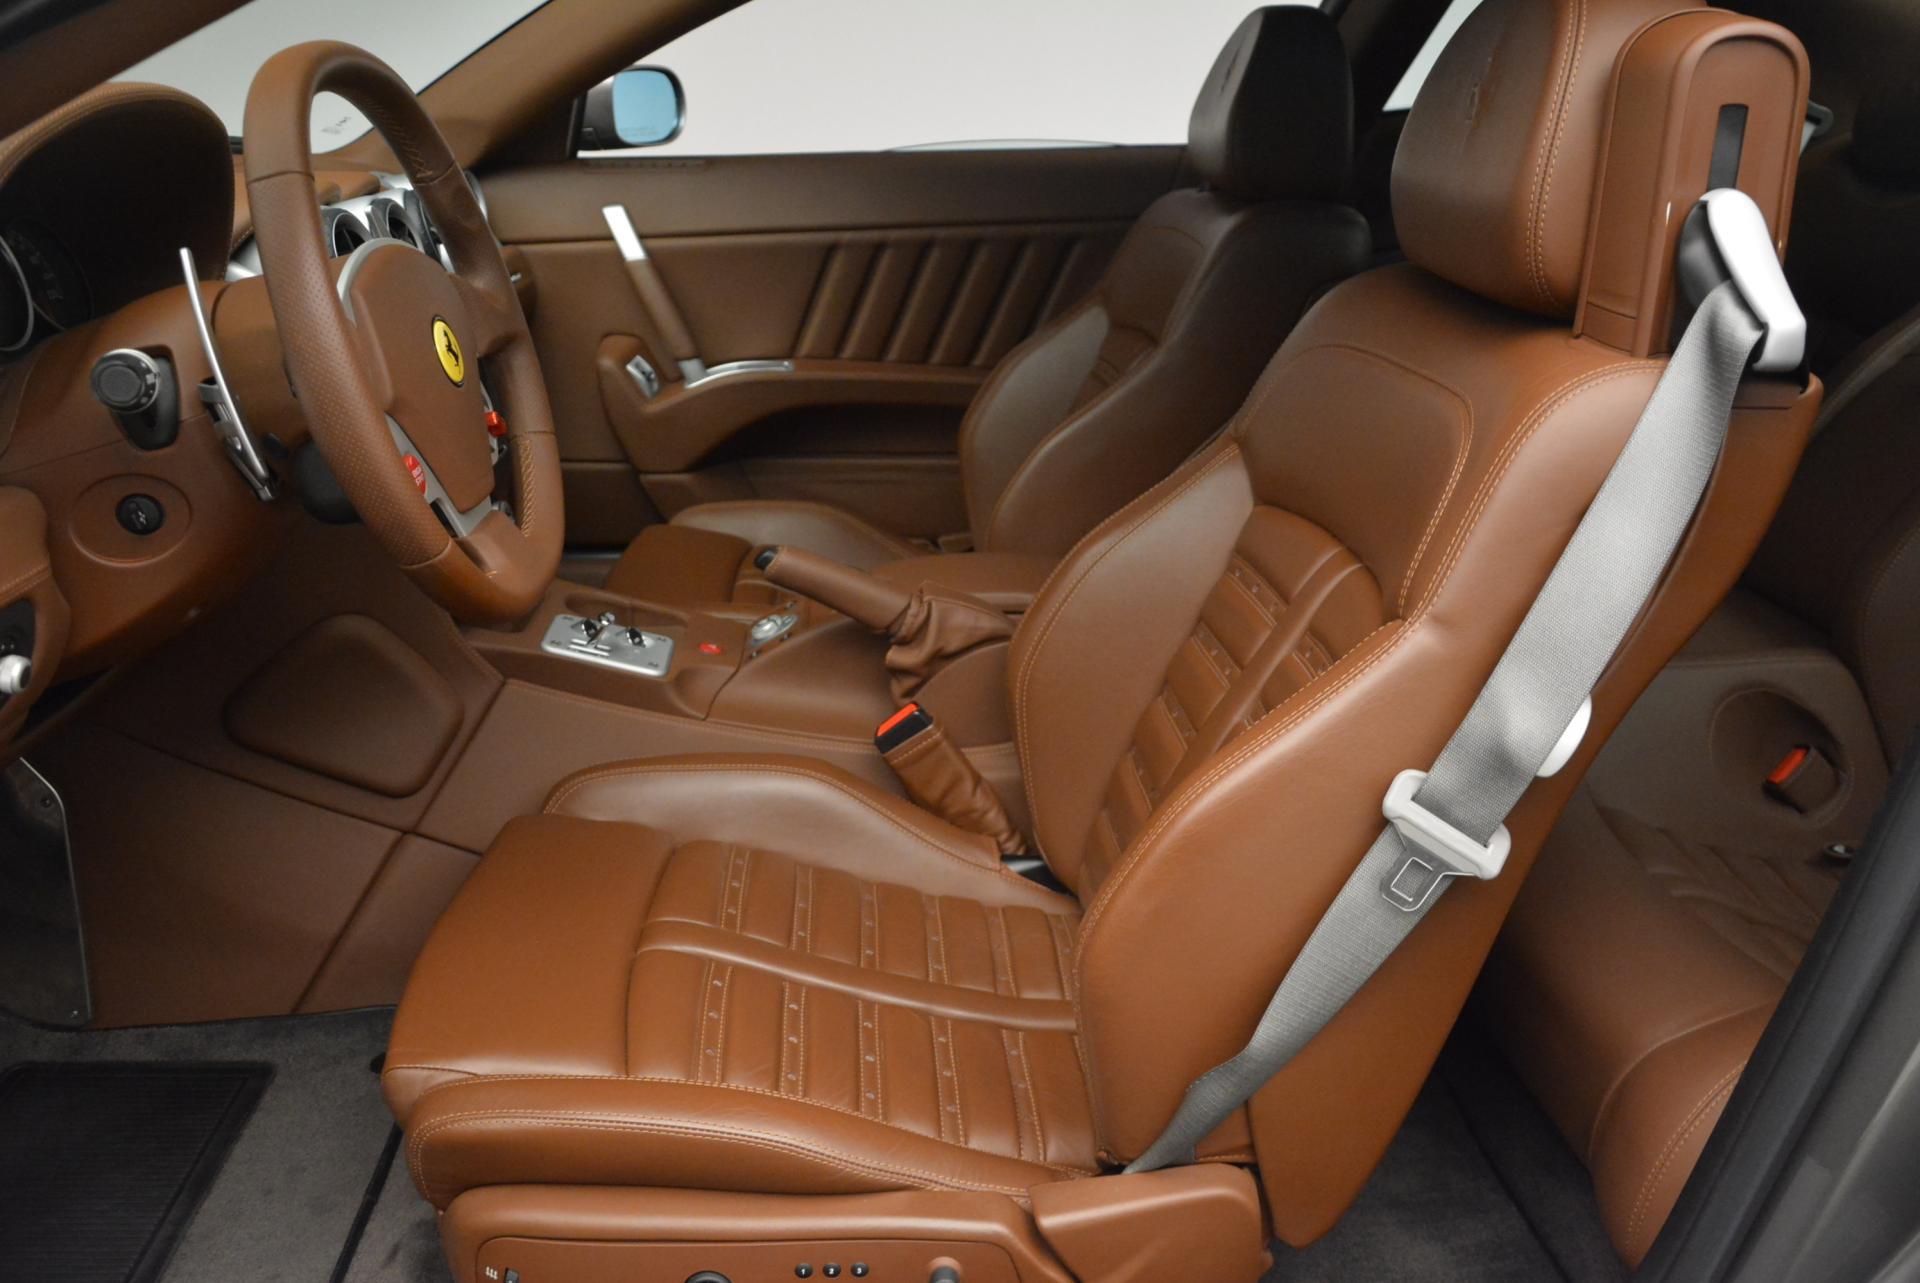 Used 2009 Ferrari 612 Scaglietti OTO For Sale In Greenwich, CT. Alfa Romeo of Greenwich, 4300 141_p14